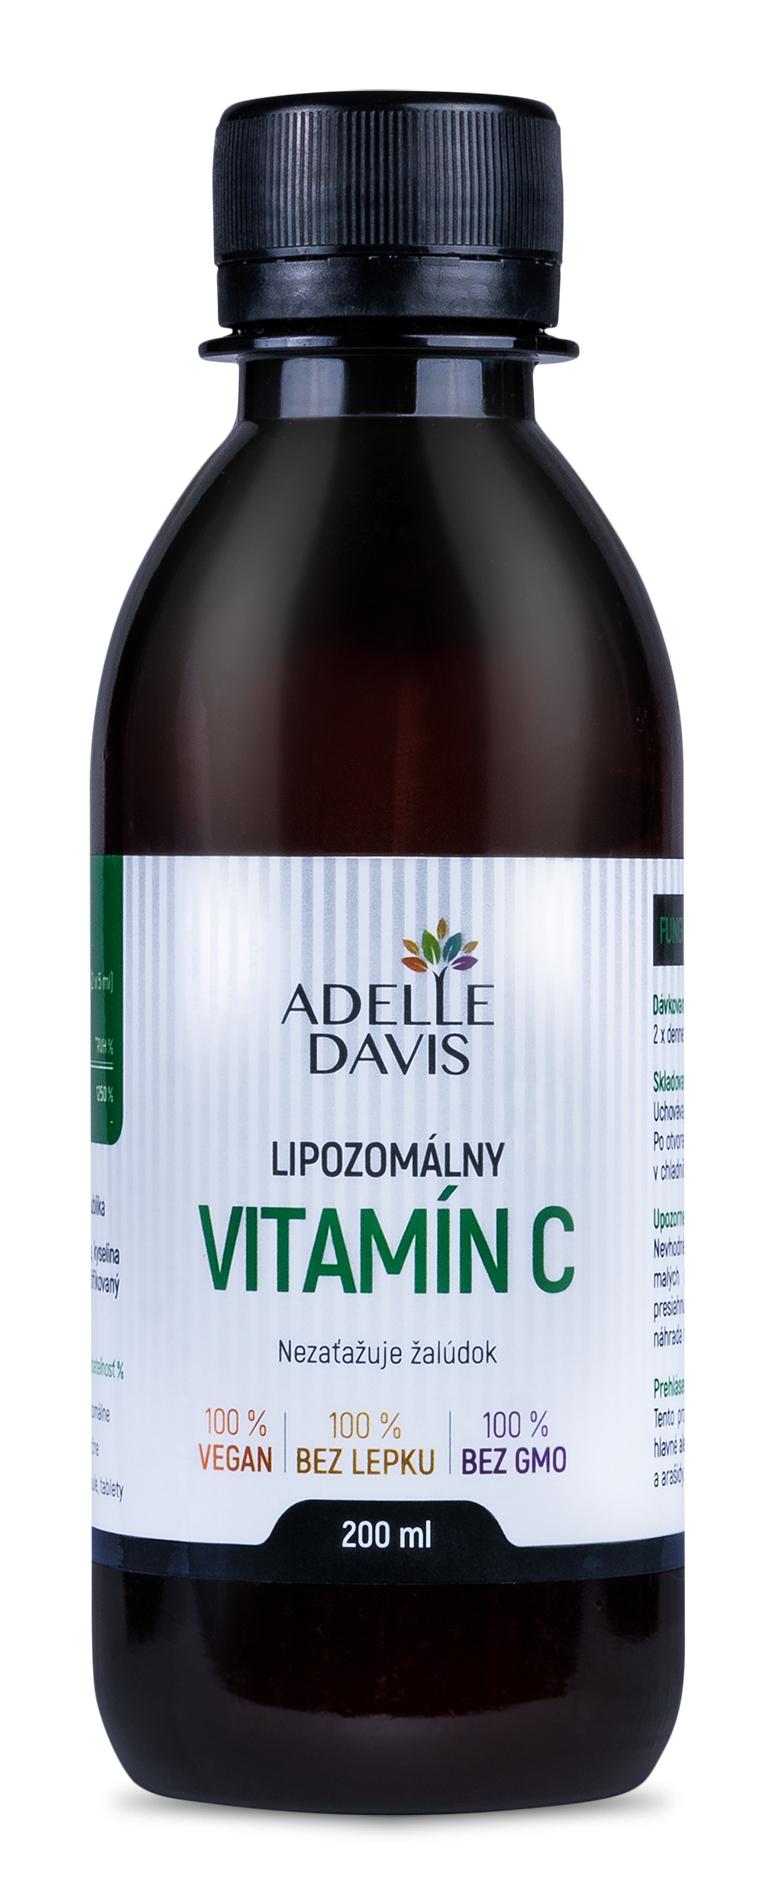 Adelle Davis - Lipozomálny vitamín C, 200 ml